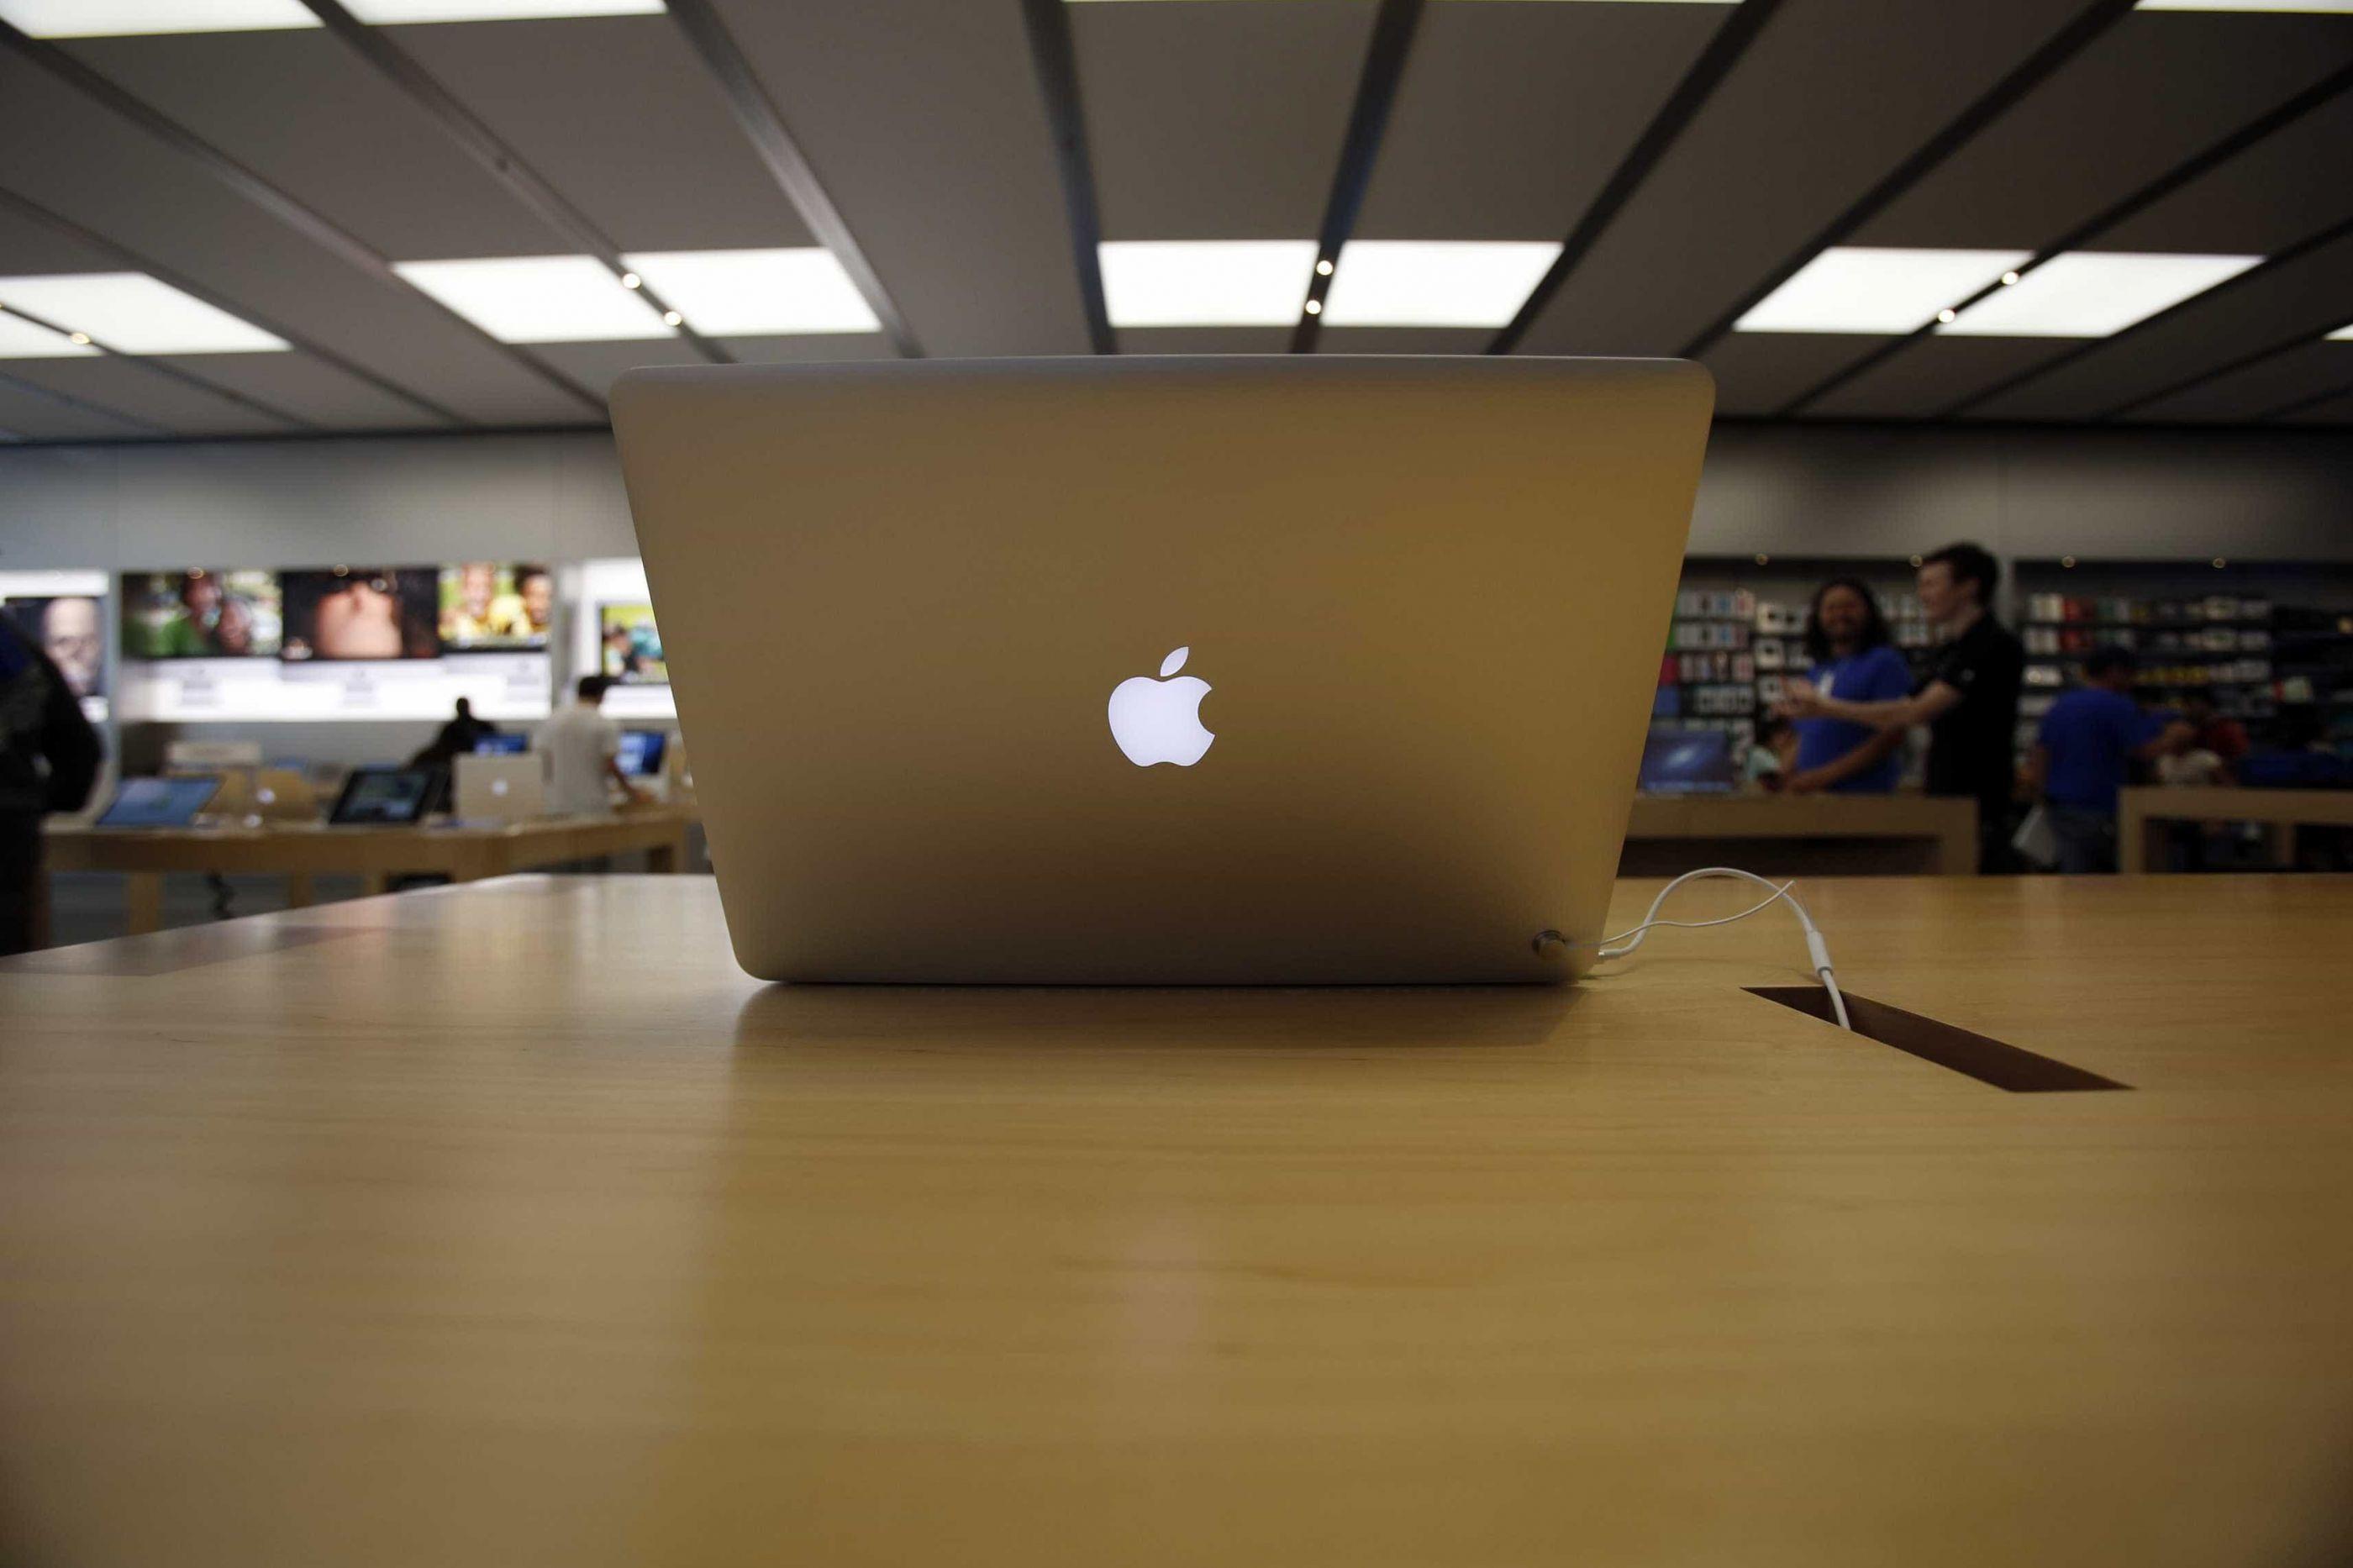 Apple irá reparar teclados defeituosos de MacBooks gratuitamente